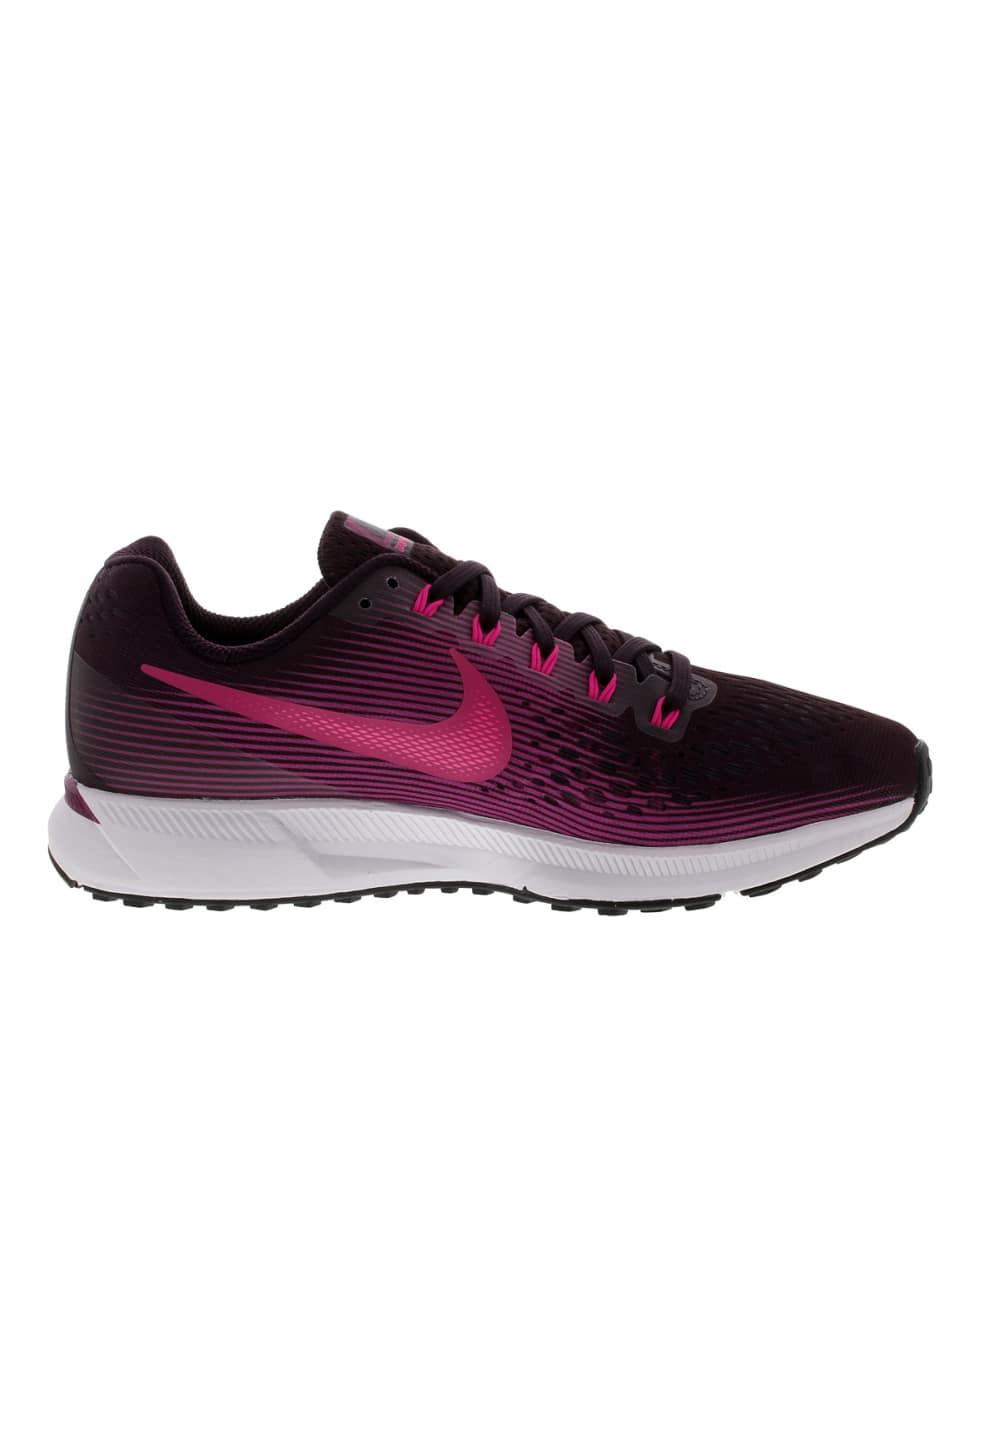 livraison gratuite d2cbc d6c09 Nike Air Zoom Pegasus 34 - Chaussures running pour Femme - Violet